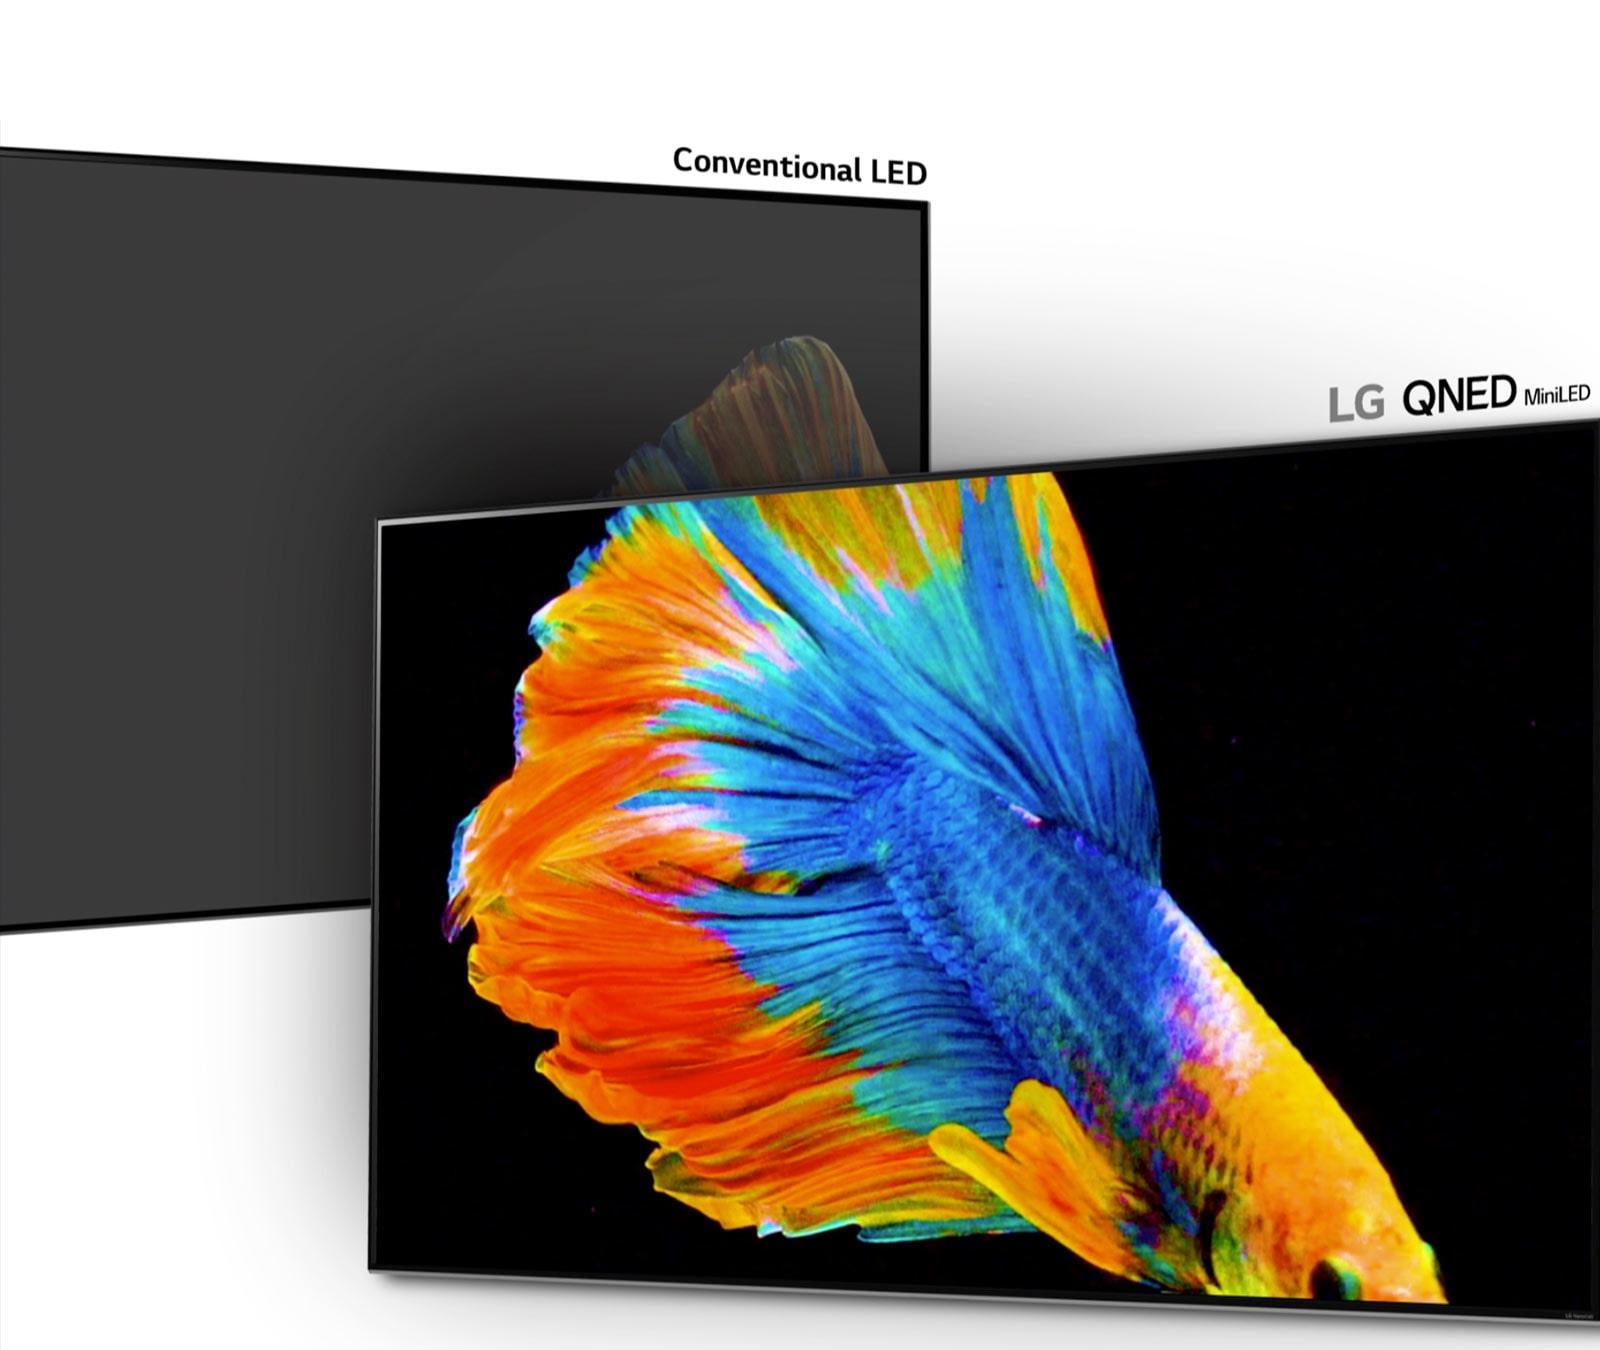 Изображение бойцовой рыбки: половина на обычном дисплее LED с меньшим количеством зон затемнения и менее насыщенным черным цветом, половина на дисплее LG QNED Mini LED с большим количеством зон затемнения и более глубоким черным цветом (воспроизвести видео).